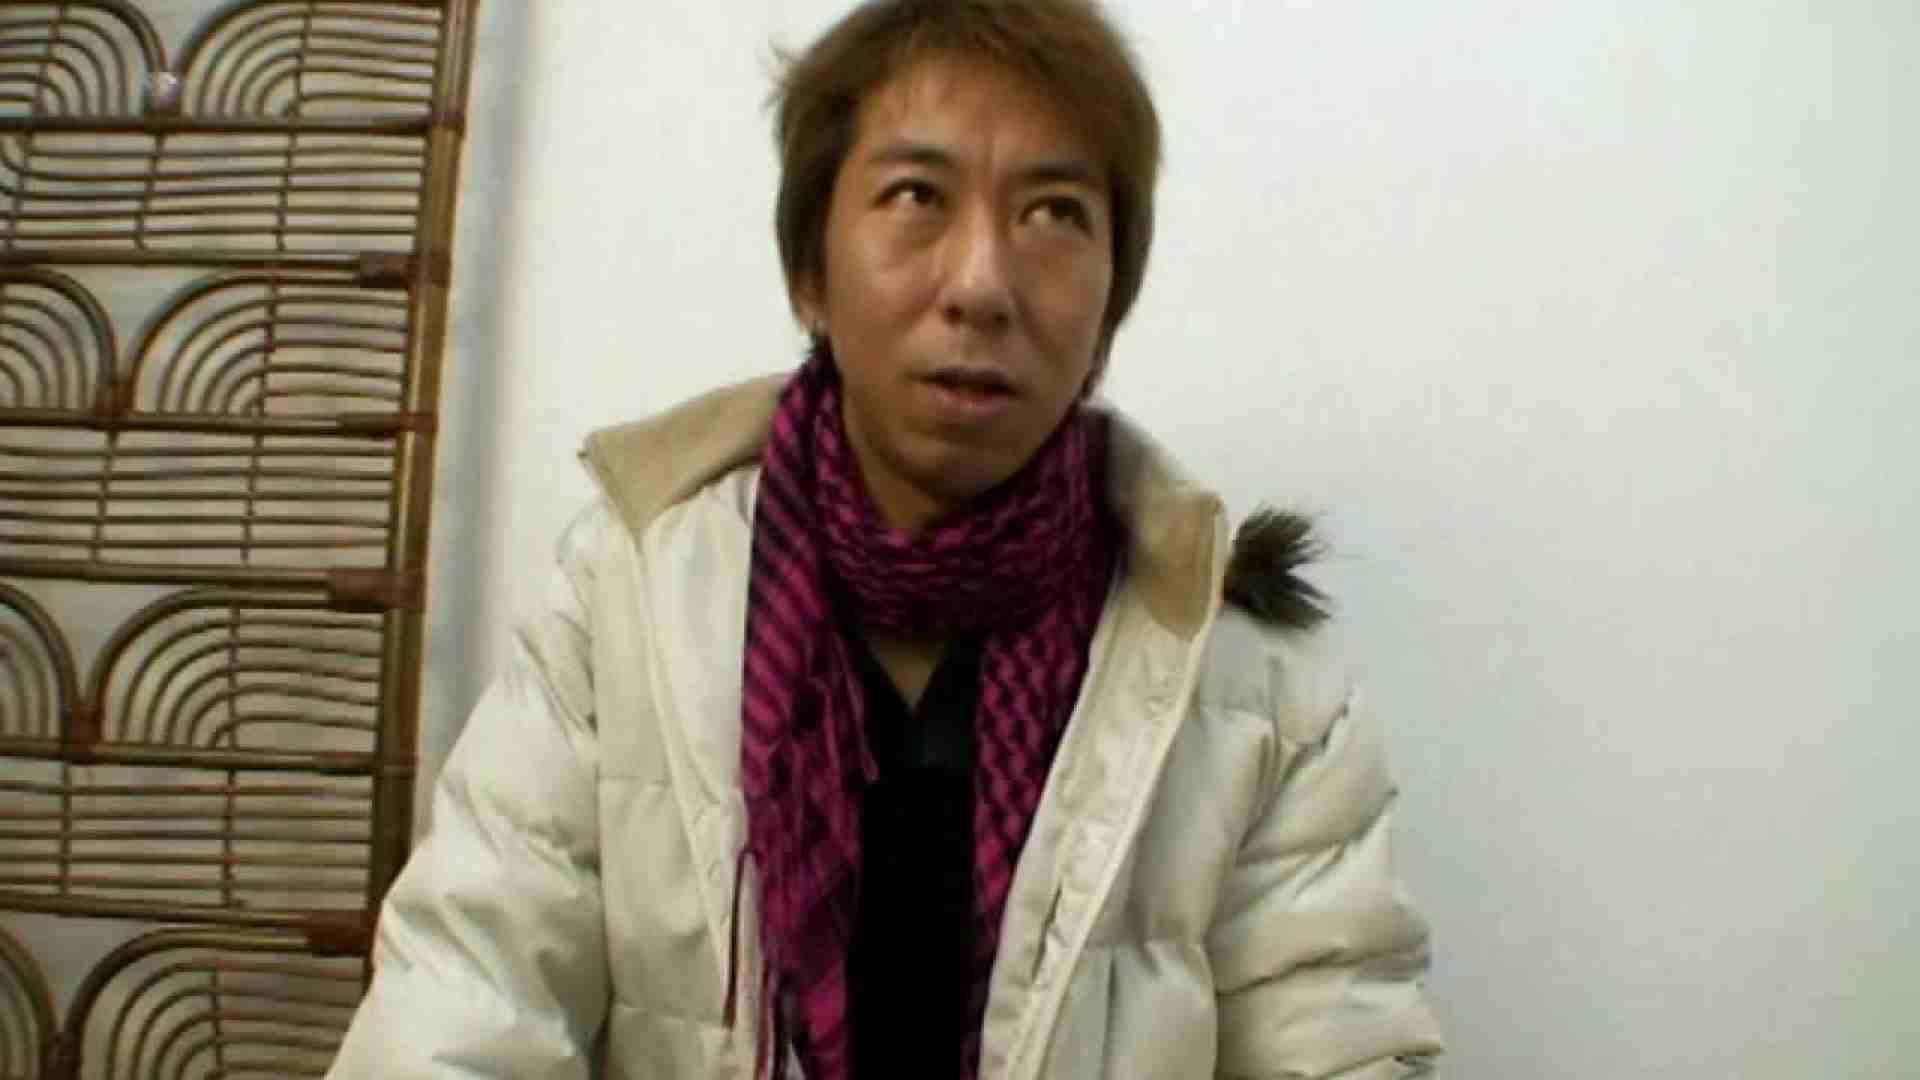 ノンケ!自慰スタジオ No.20 ゲイのオナニー映像 | 自慰特集  94枚 33